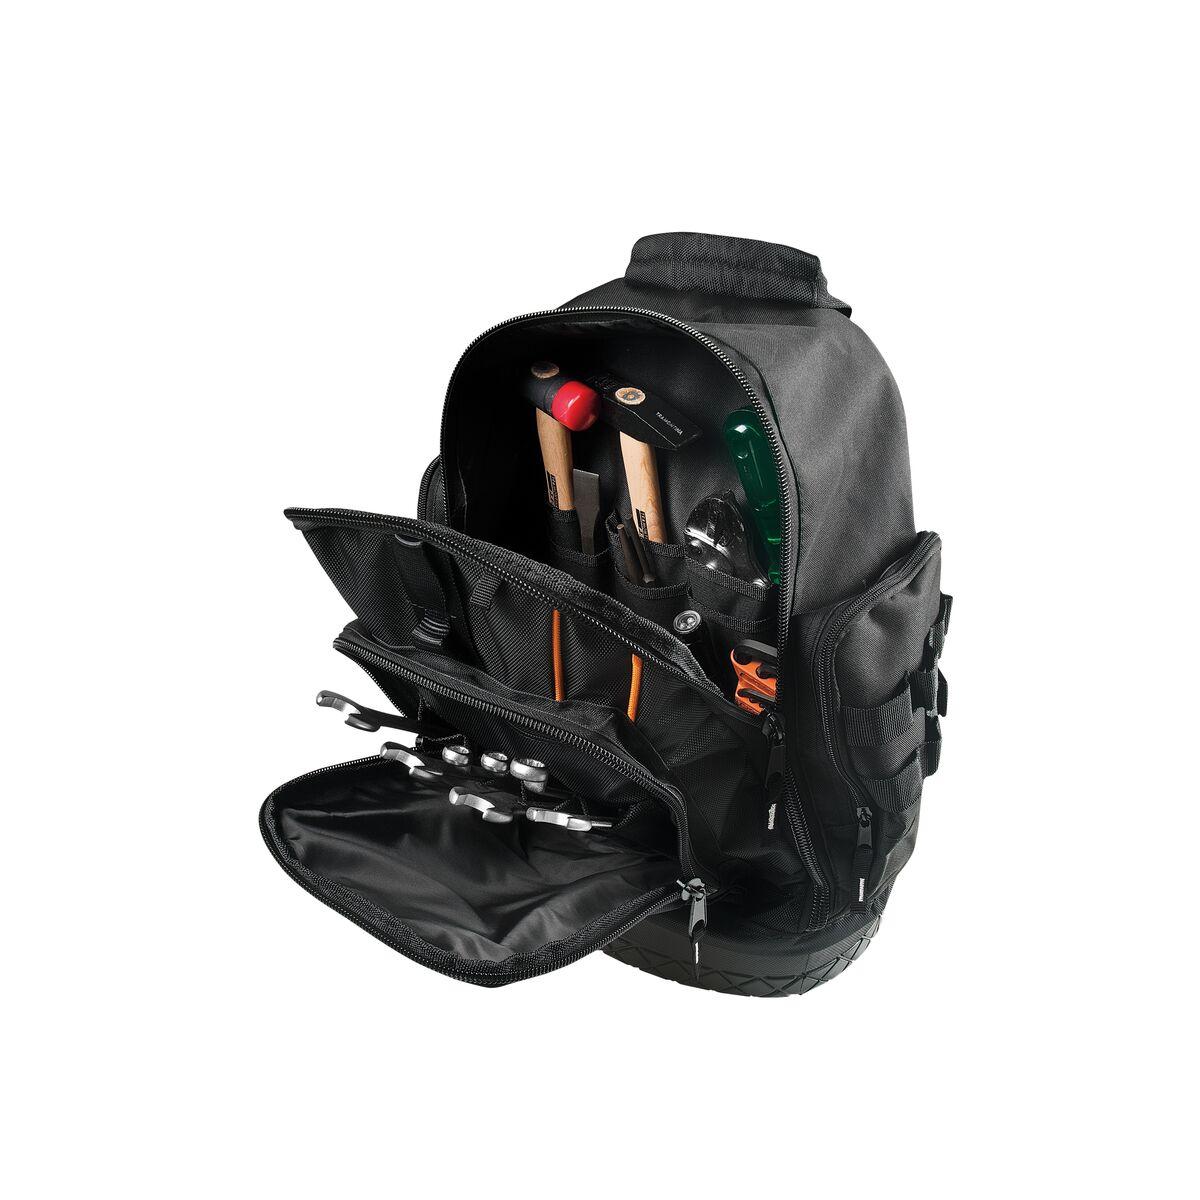 Tramontina - Mochila porta ferramentas com 23 bolsos 9369b7440e9